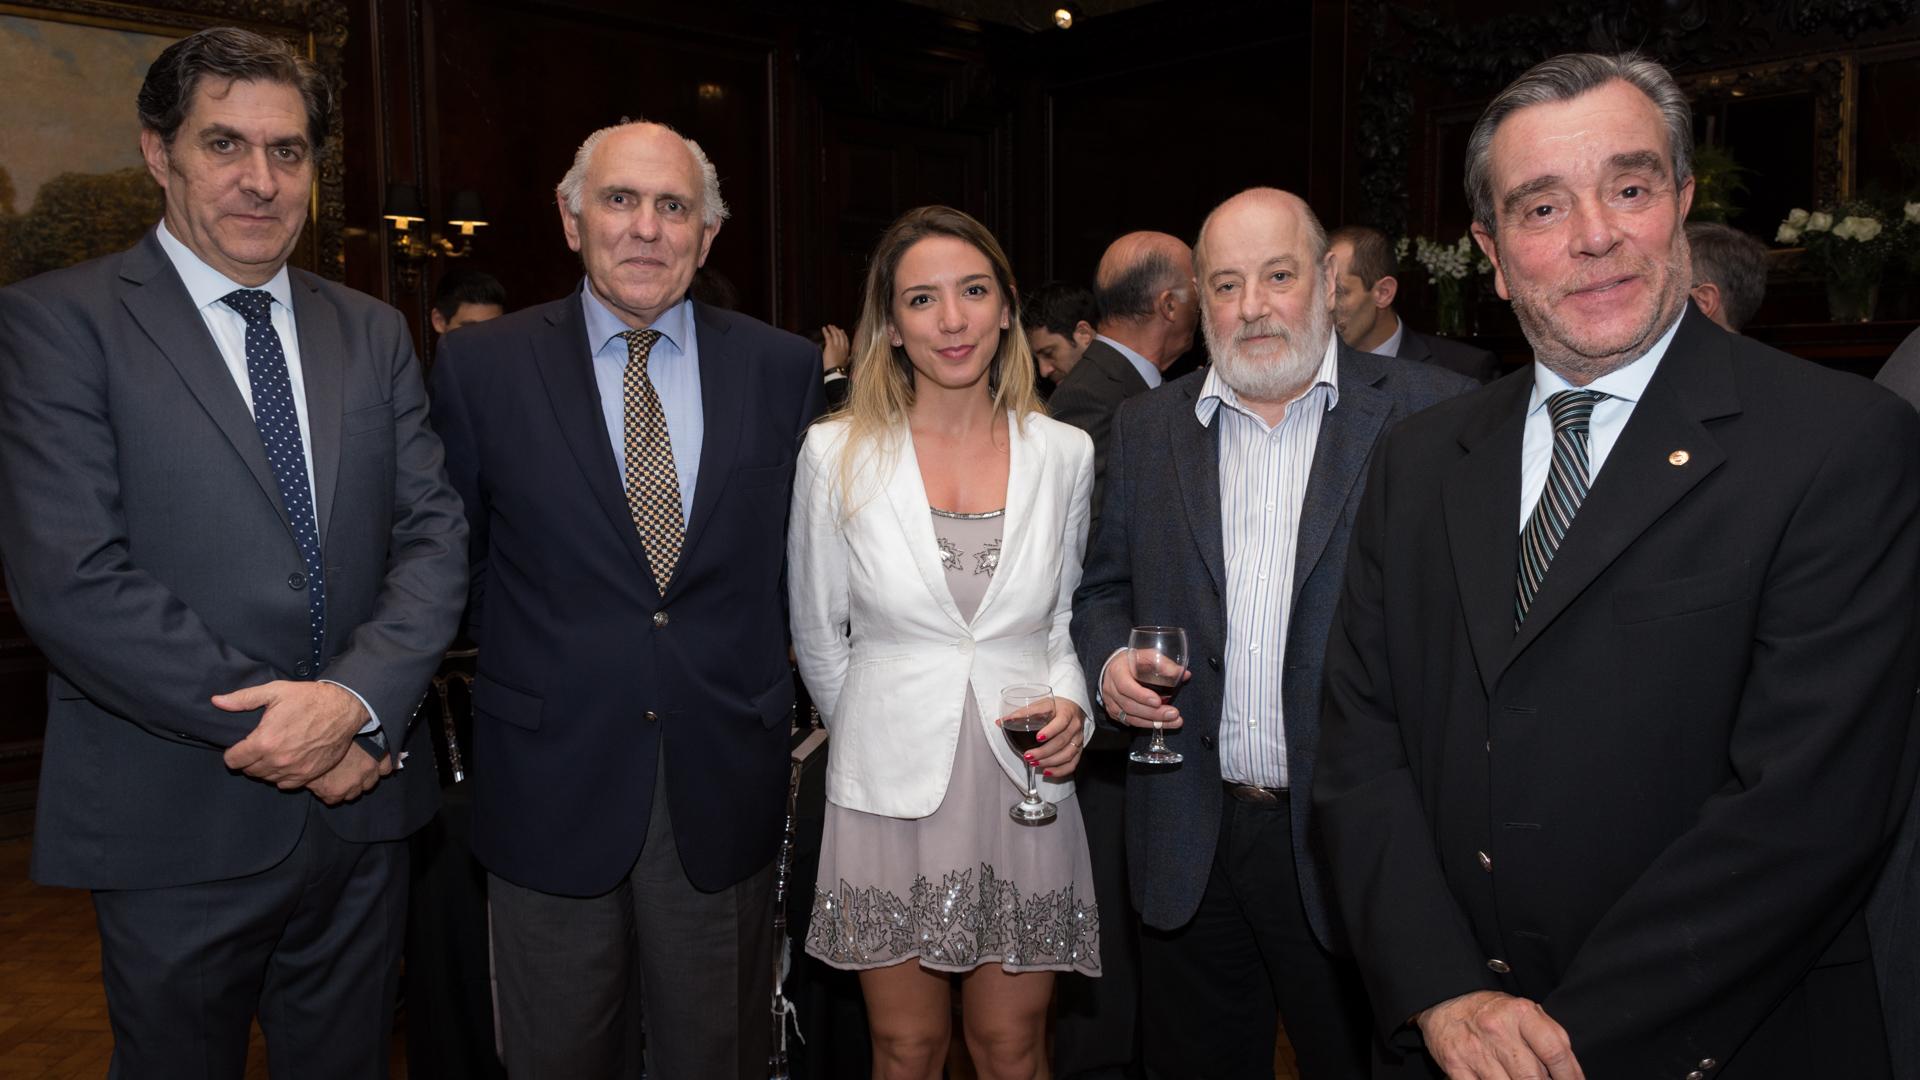 Juan Carlos Gemignani, Lucía Barreto directora Finint, Claudio Bonadio y Gustavo Gorriz